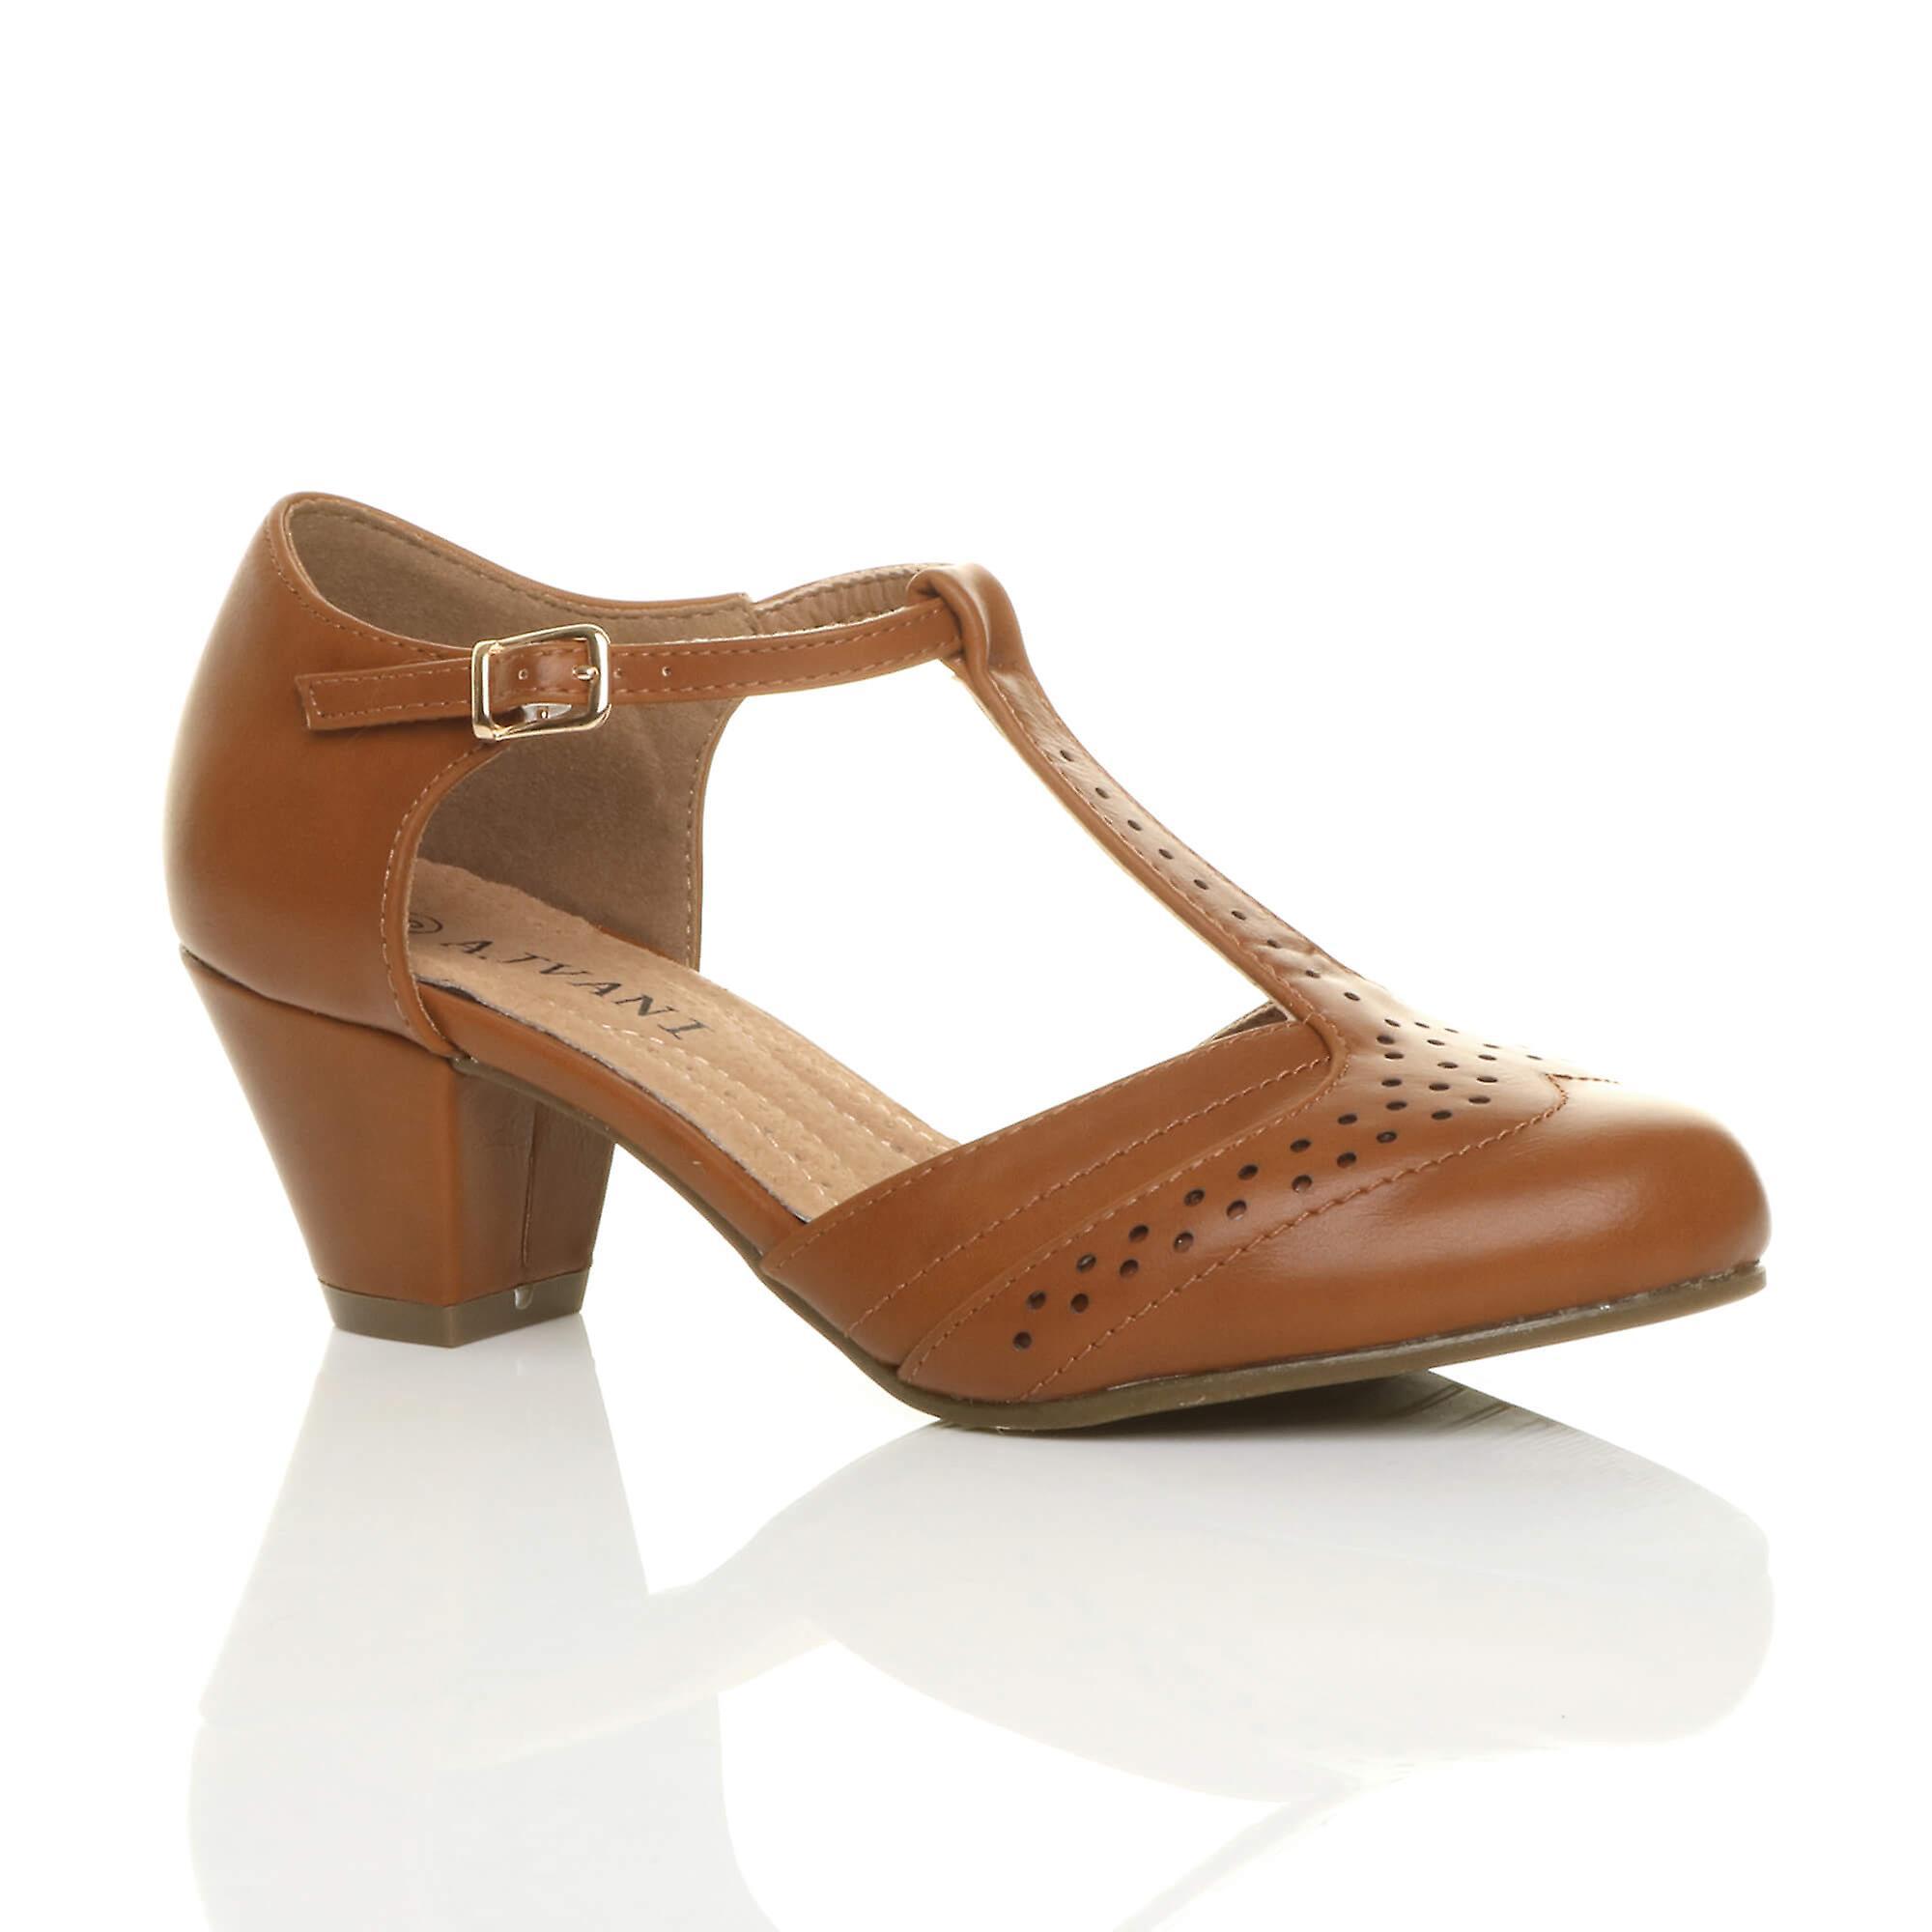 Buty damskie Ajvani połowie niski blok pięty t-bar brogsów komfort gumy wyłącznie sąd sandały uj0ck